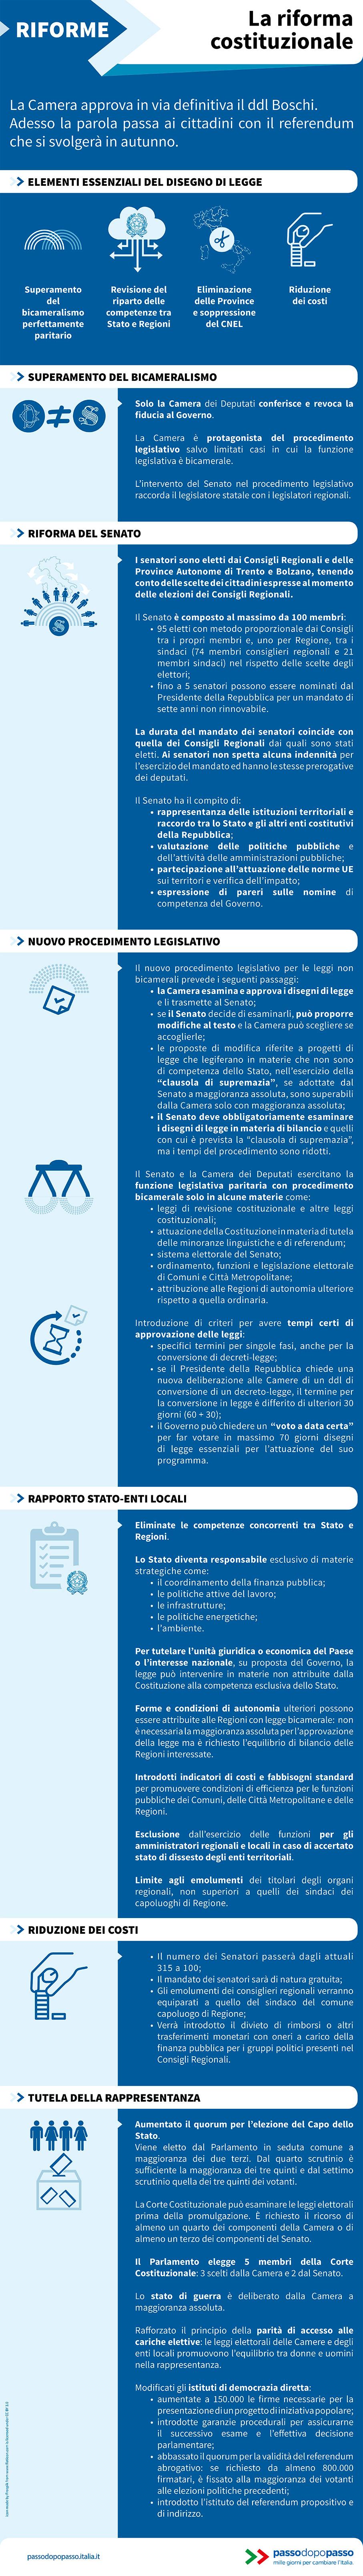 Infografica: La Camera approva in via definitiva il ddl Boschi